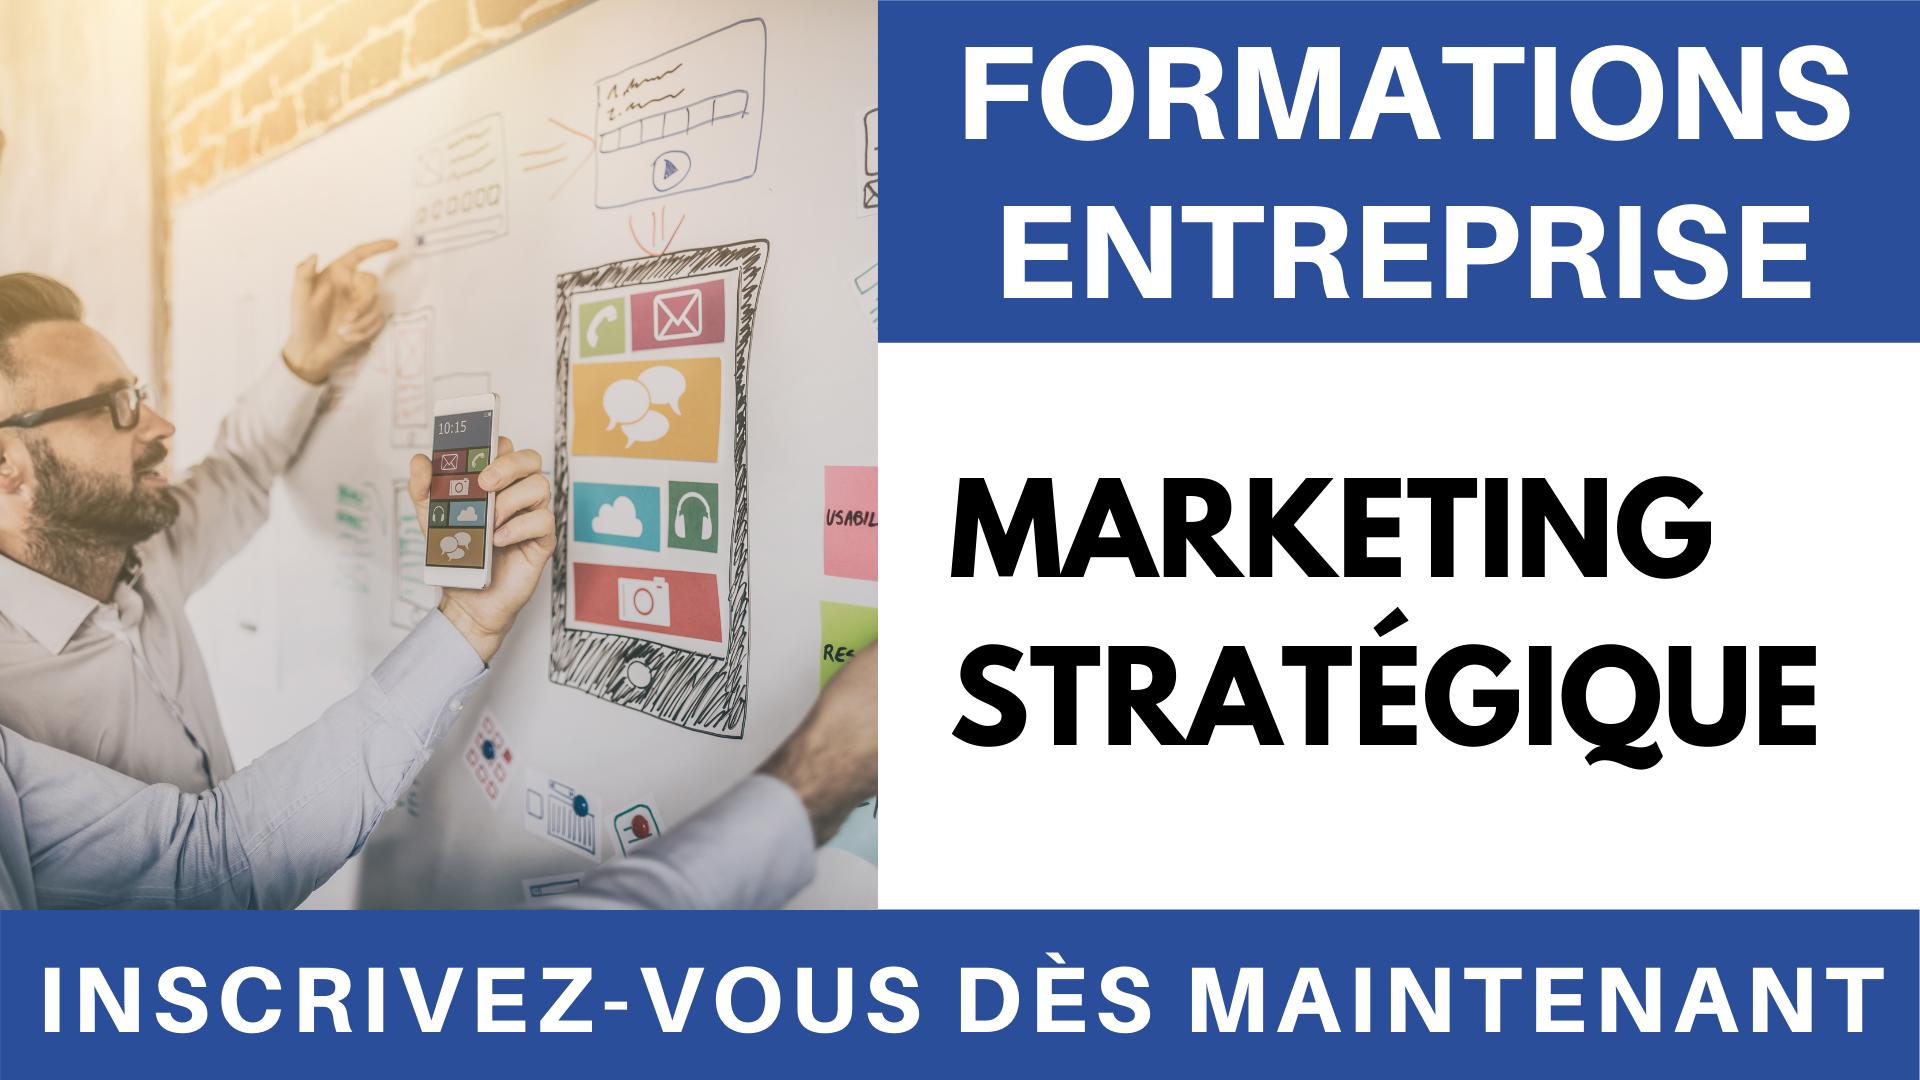 Vidéo - Formation Entreprise _ Marketing stratégique